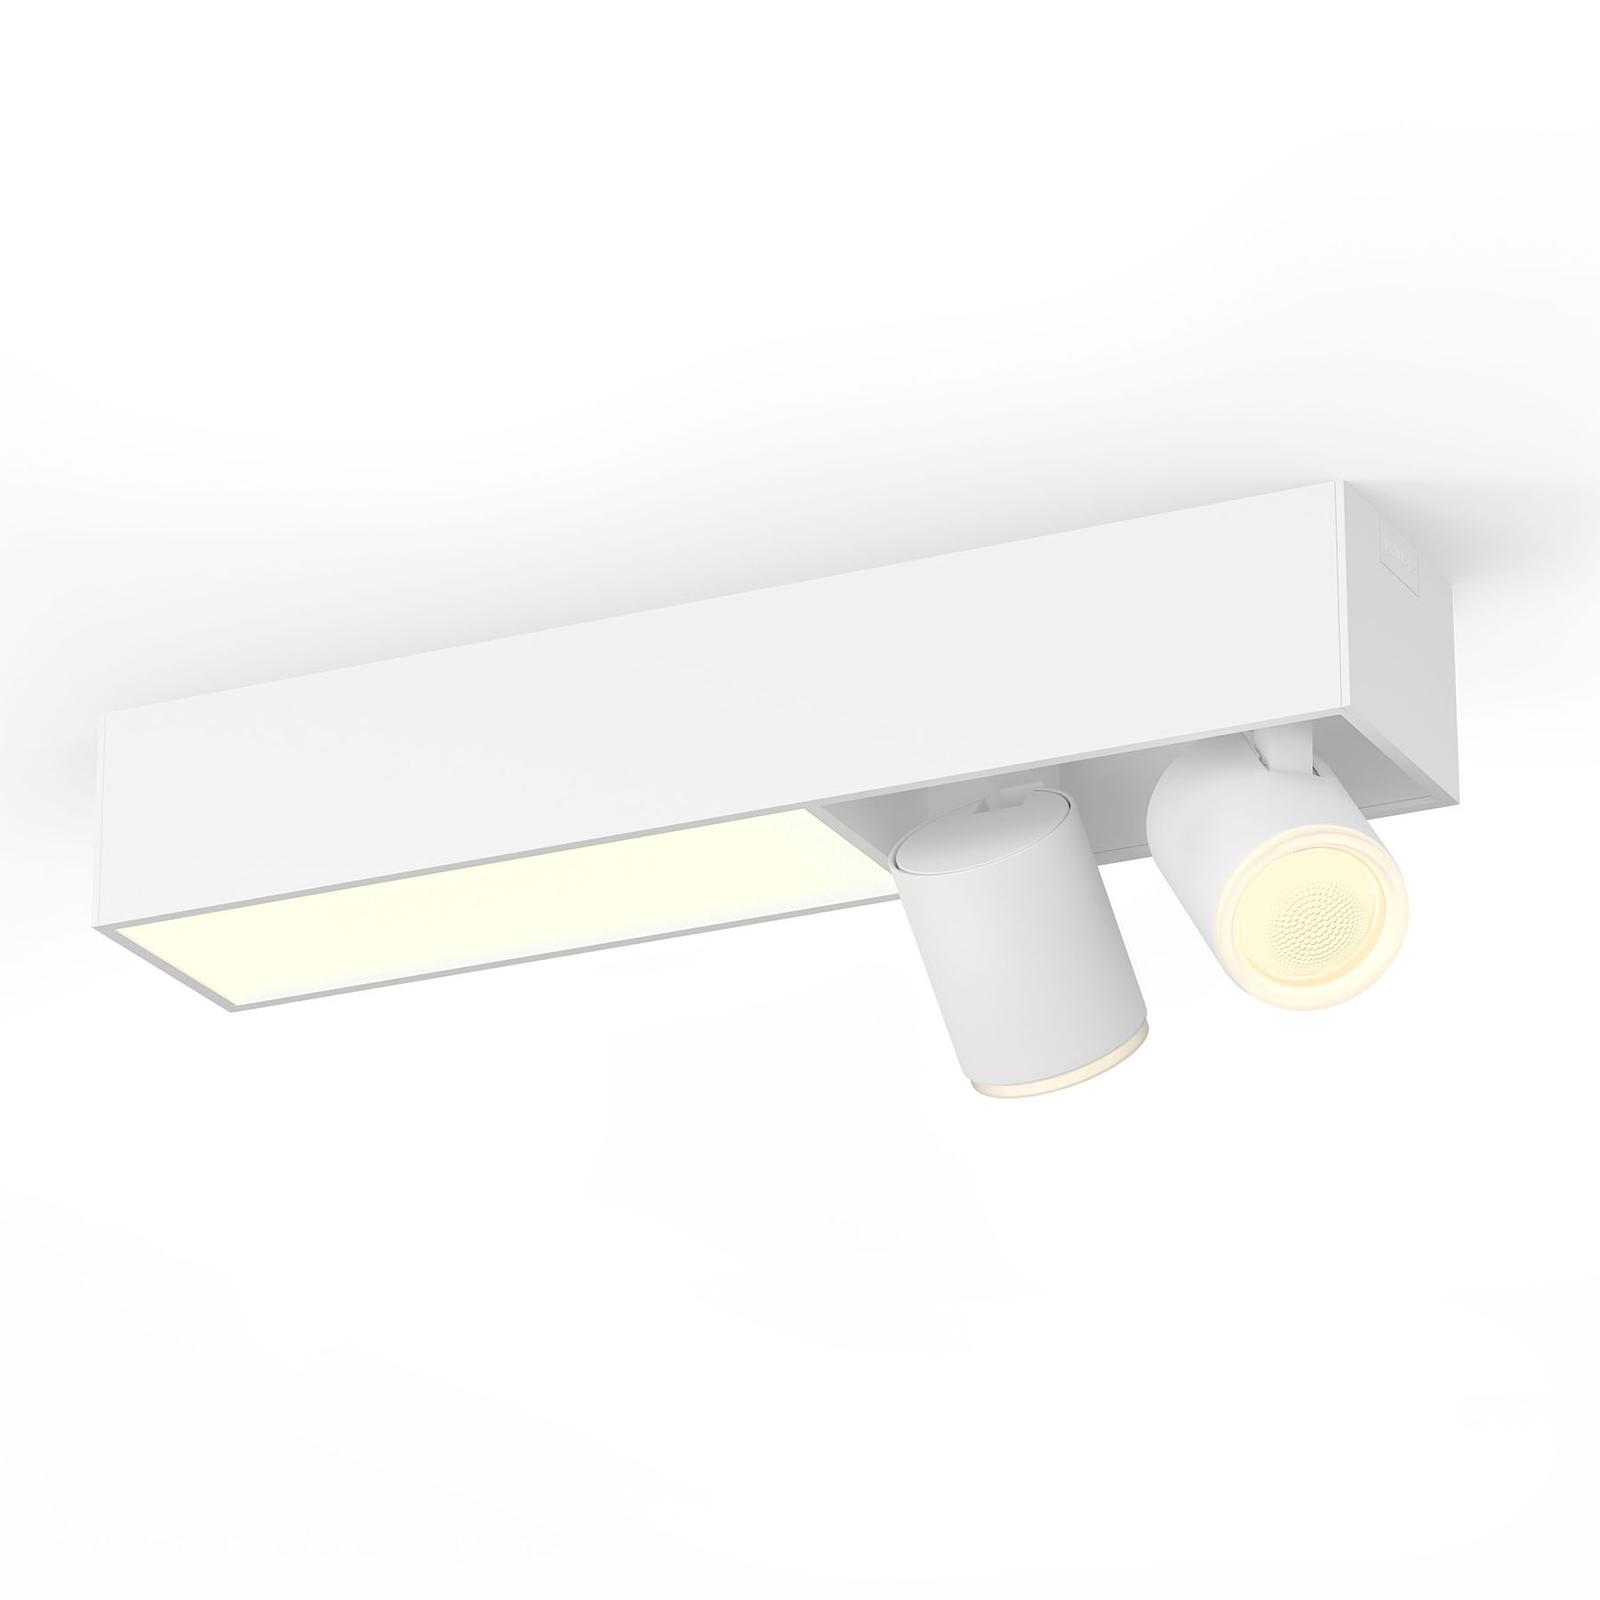 Philips Hue LED-spot 2 lyskilder, hvit